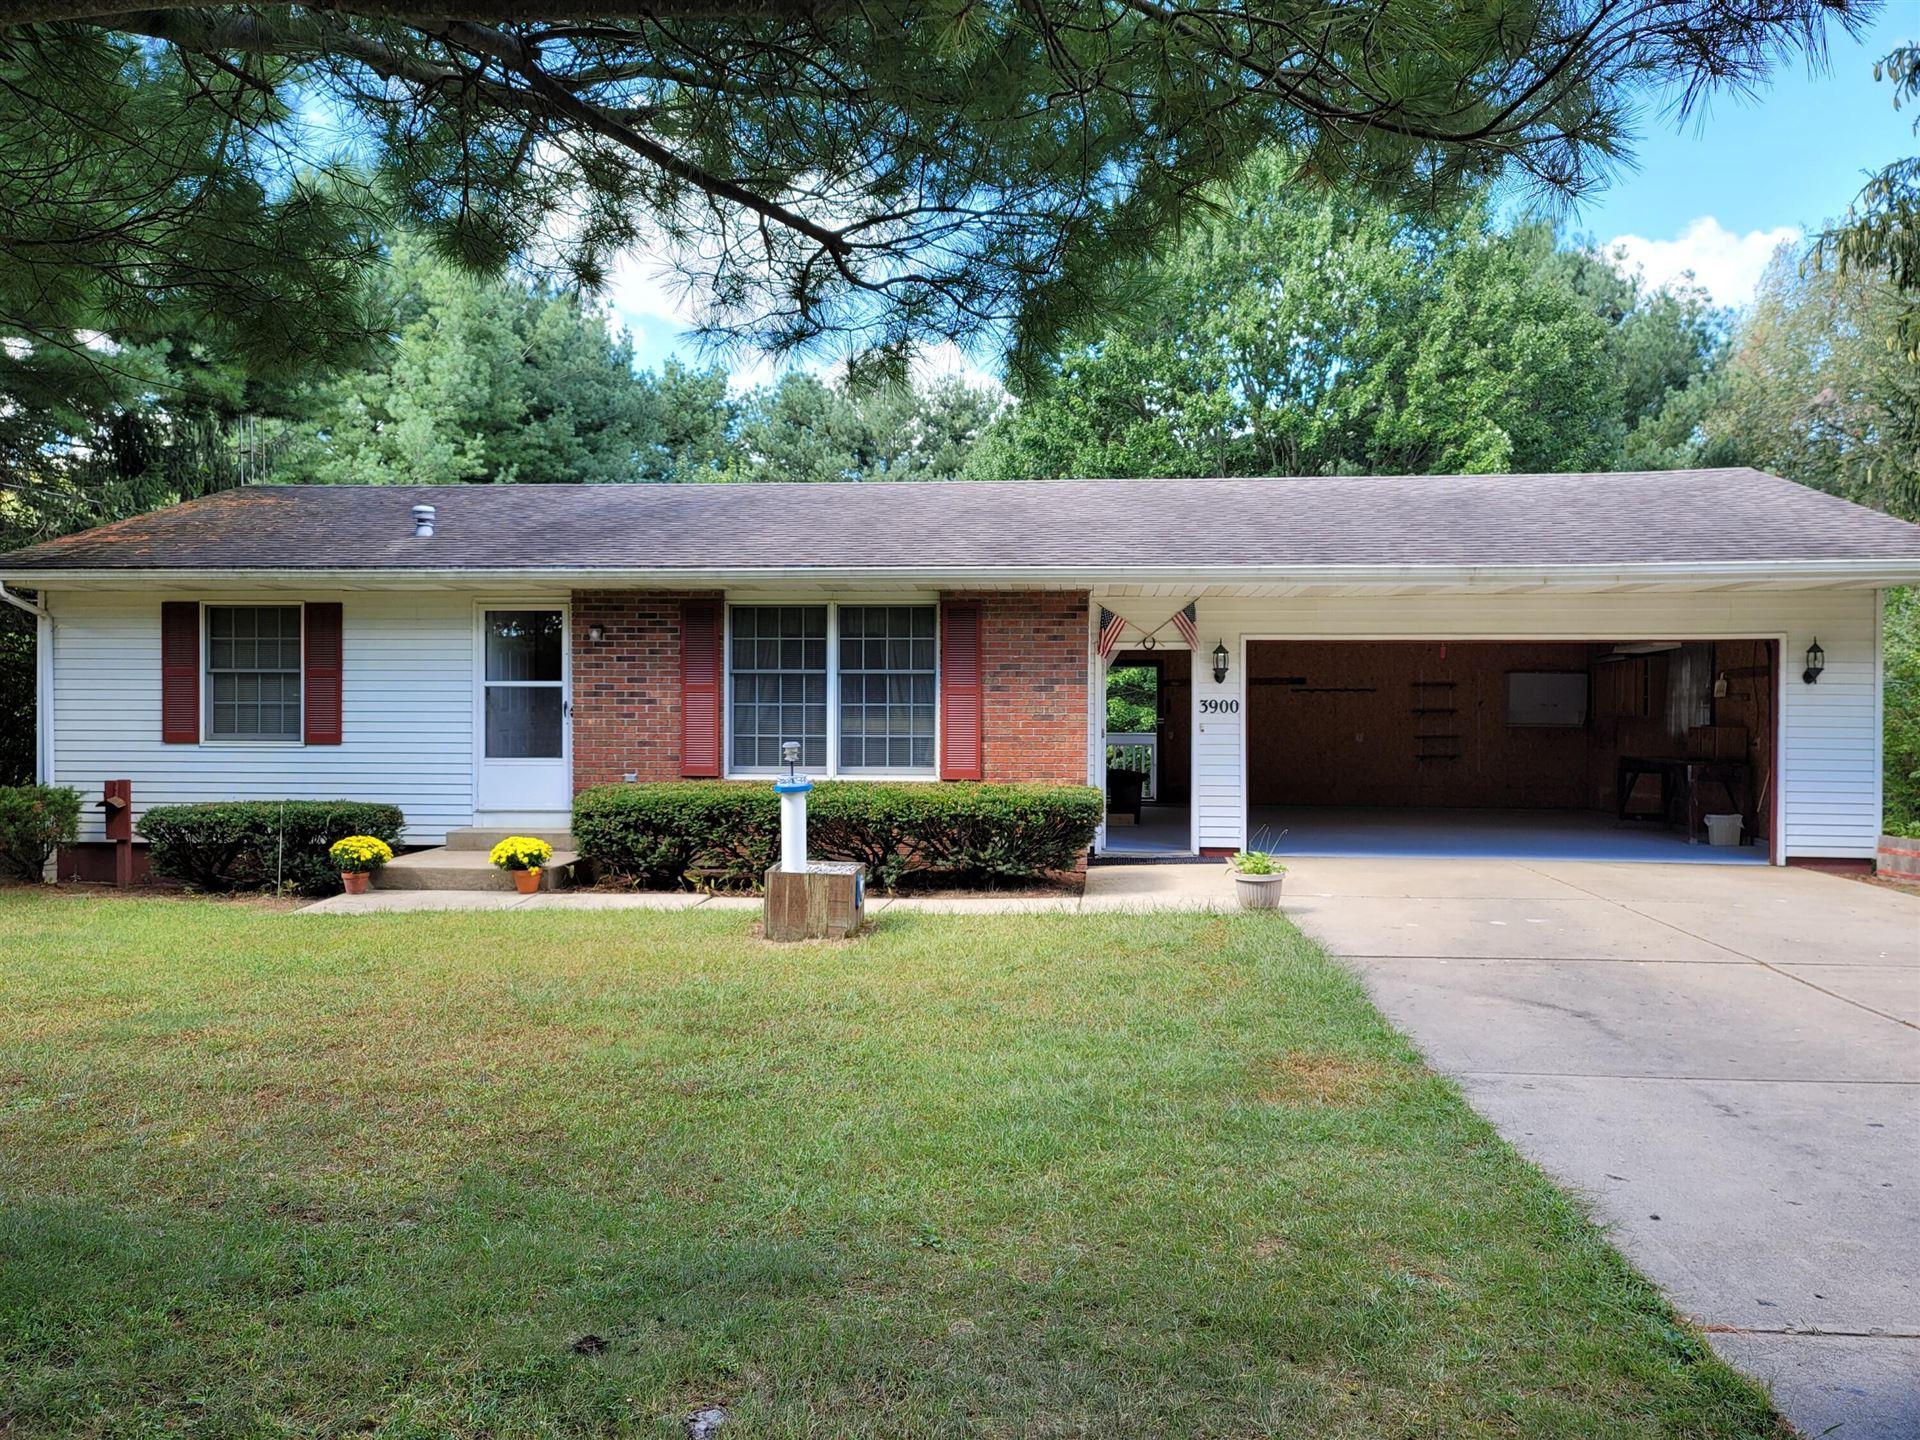 3900 Sargent Road, Jackson, MI 49201 - MLS#: 21106432